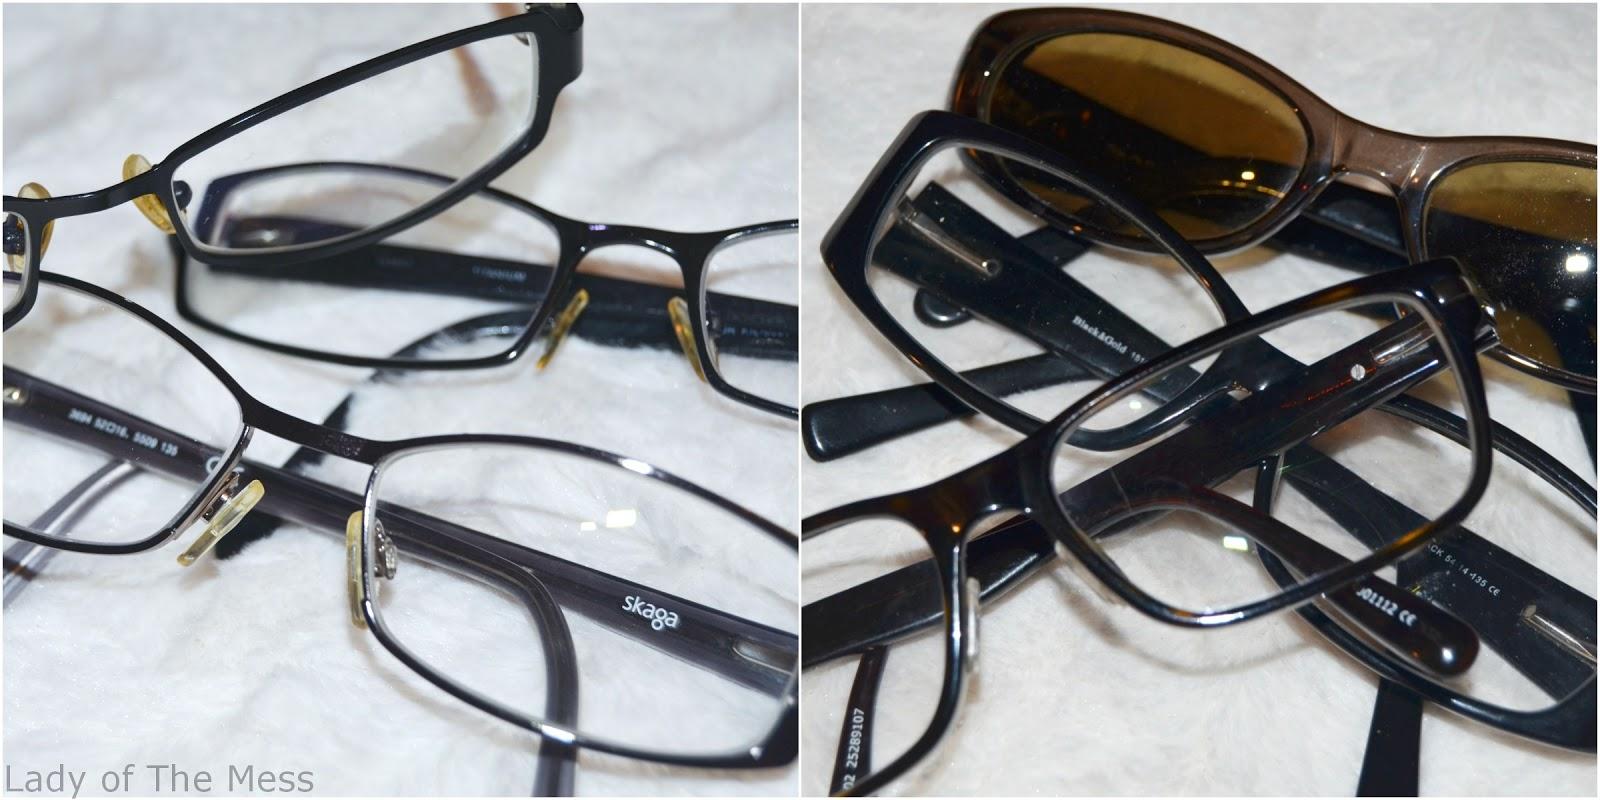 Minun silmieni tähden - ja vähän ulkonäönkin - silmälasit moneen ... acb473094b